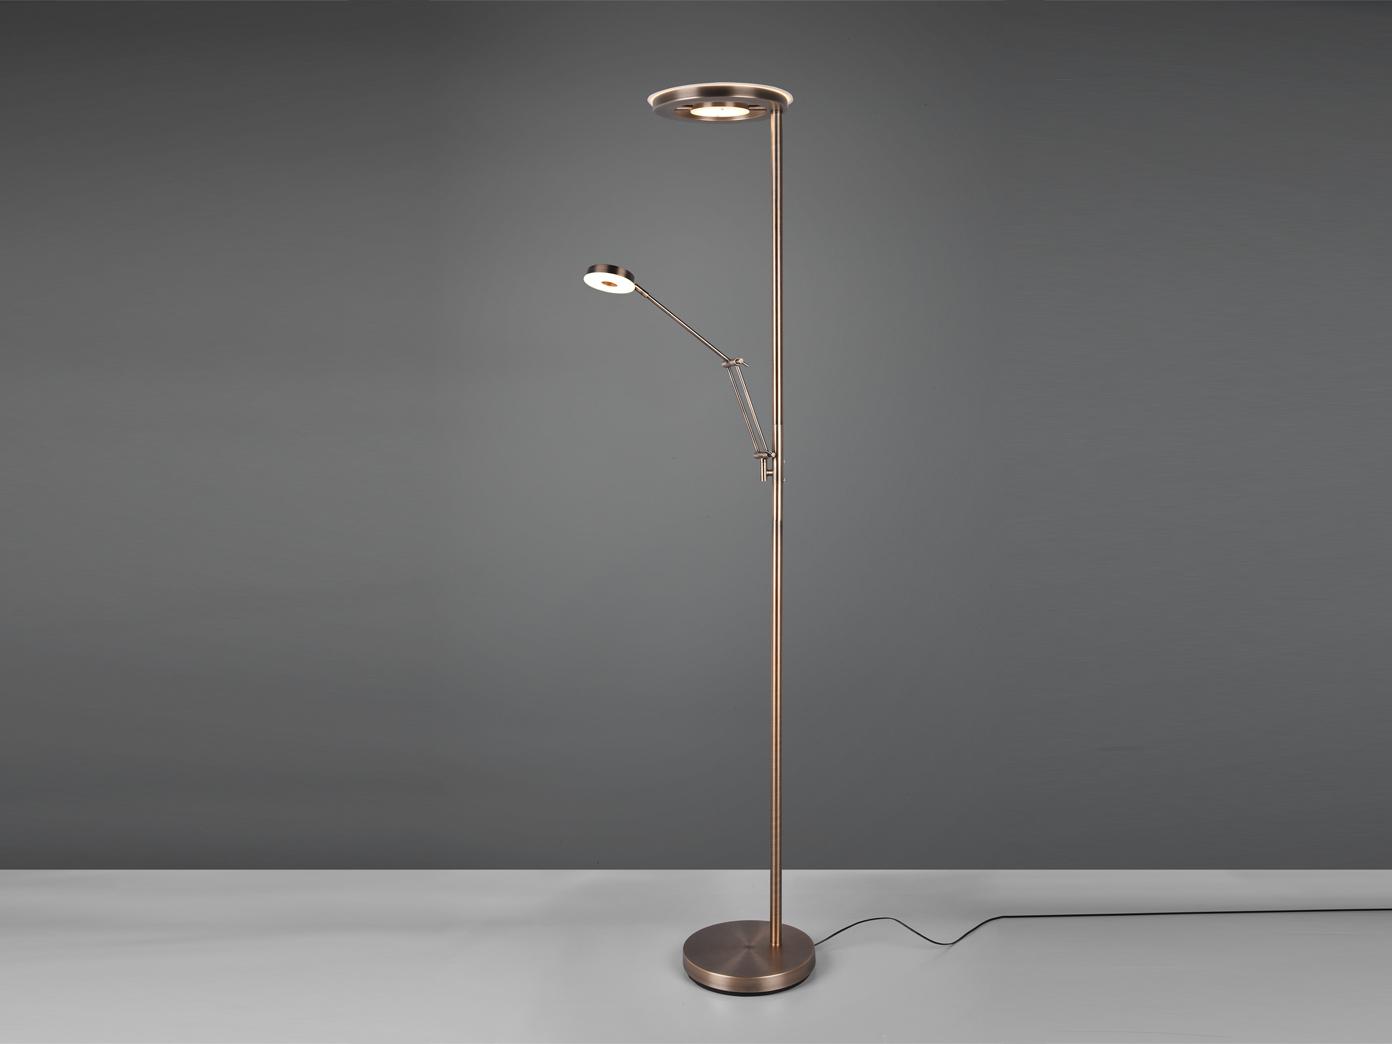 Led Deckenfluter Mit Leselampe Altmessing Dimmbar Stehlampe Wohnzimmer Flurlampe Kaufen Bei Setpoint Deutschland Gmbh